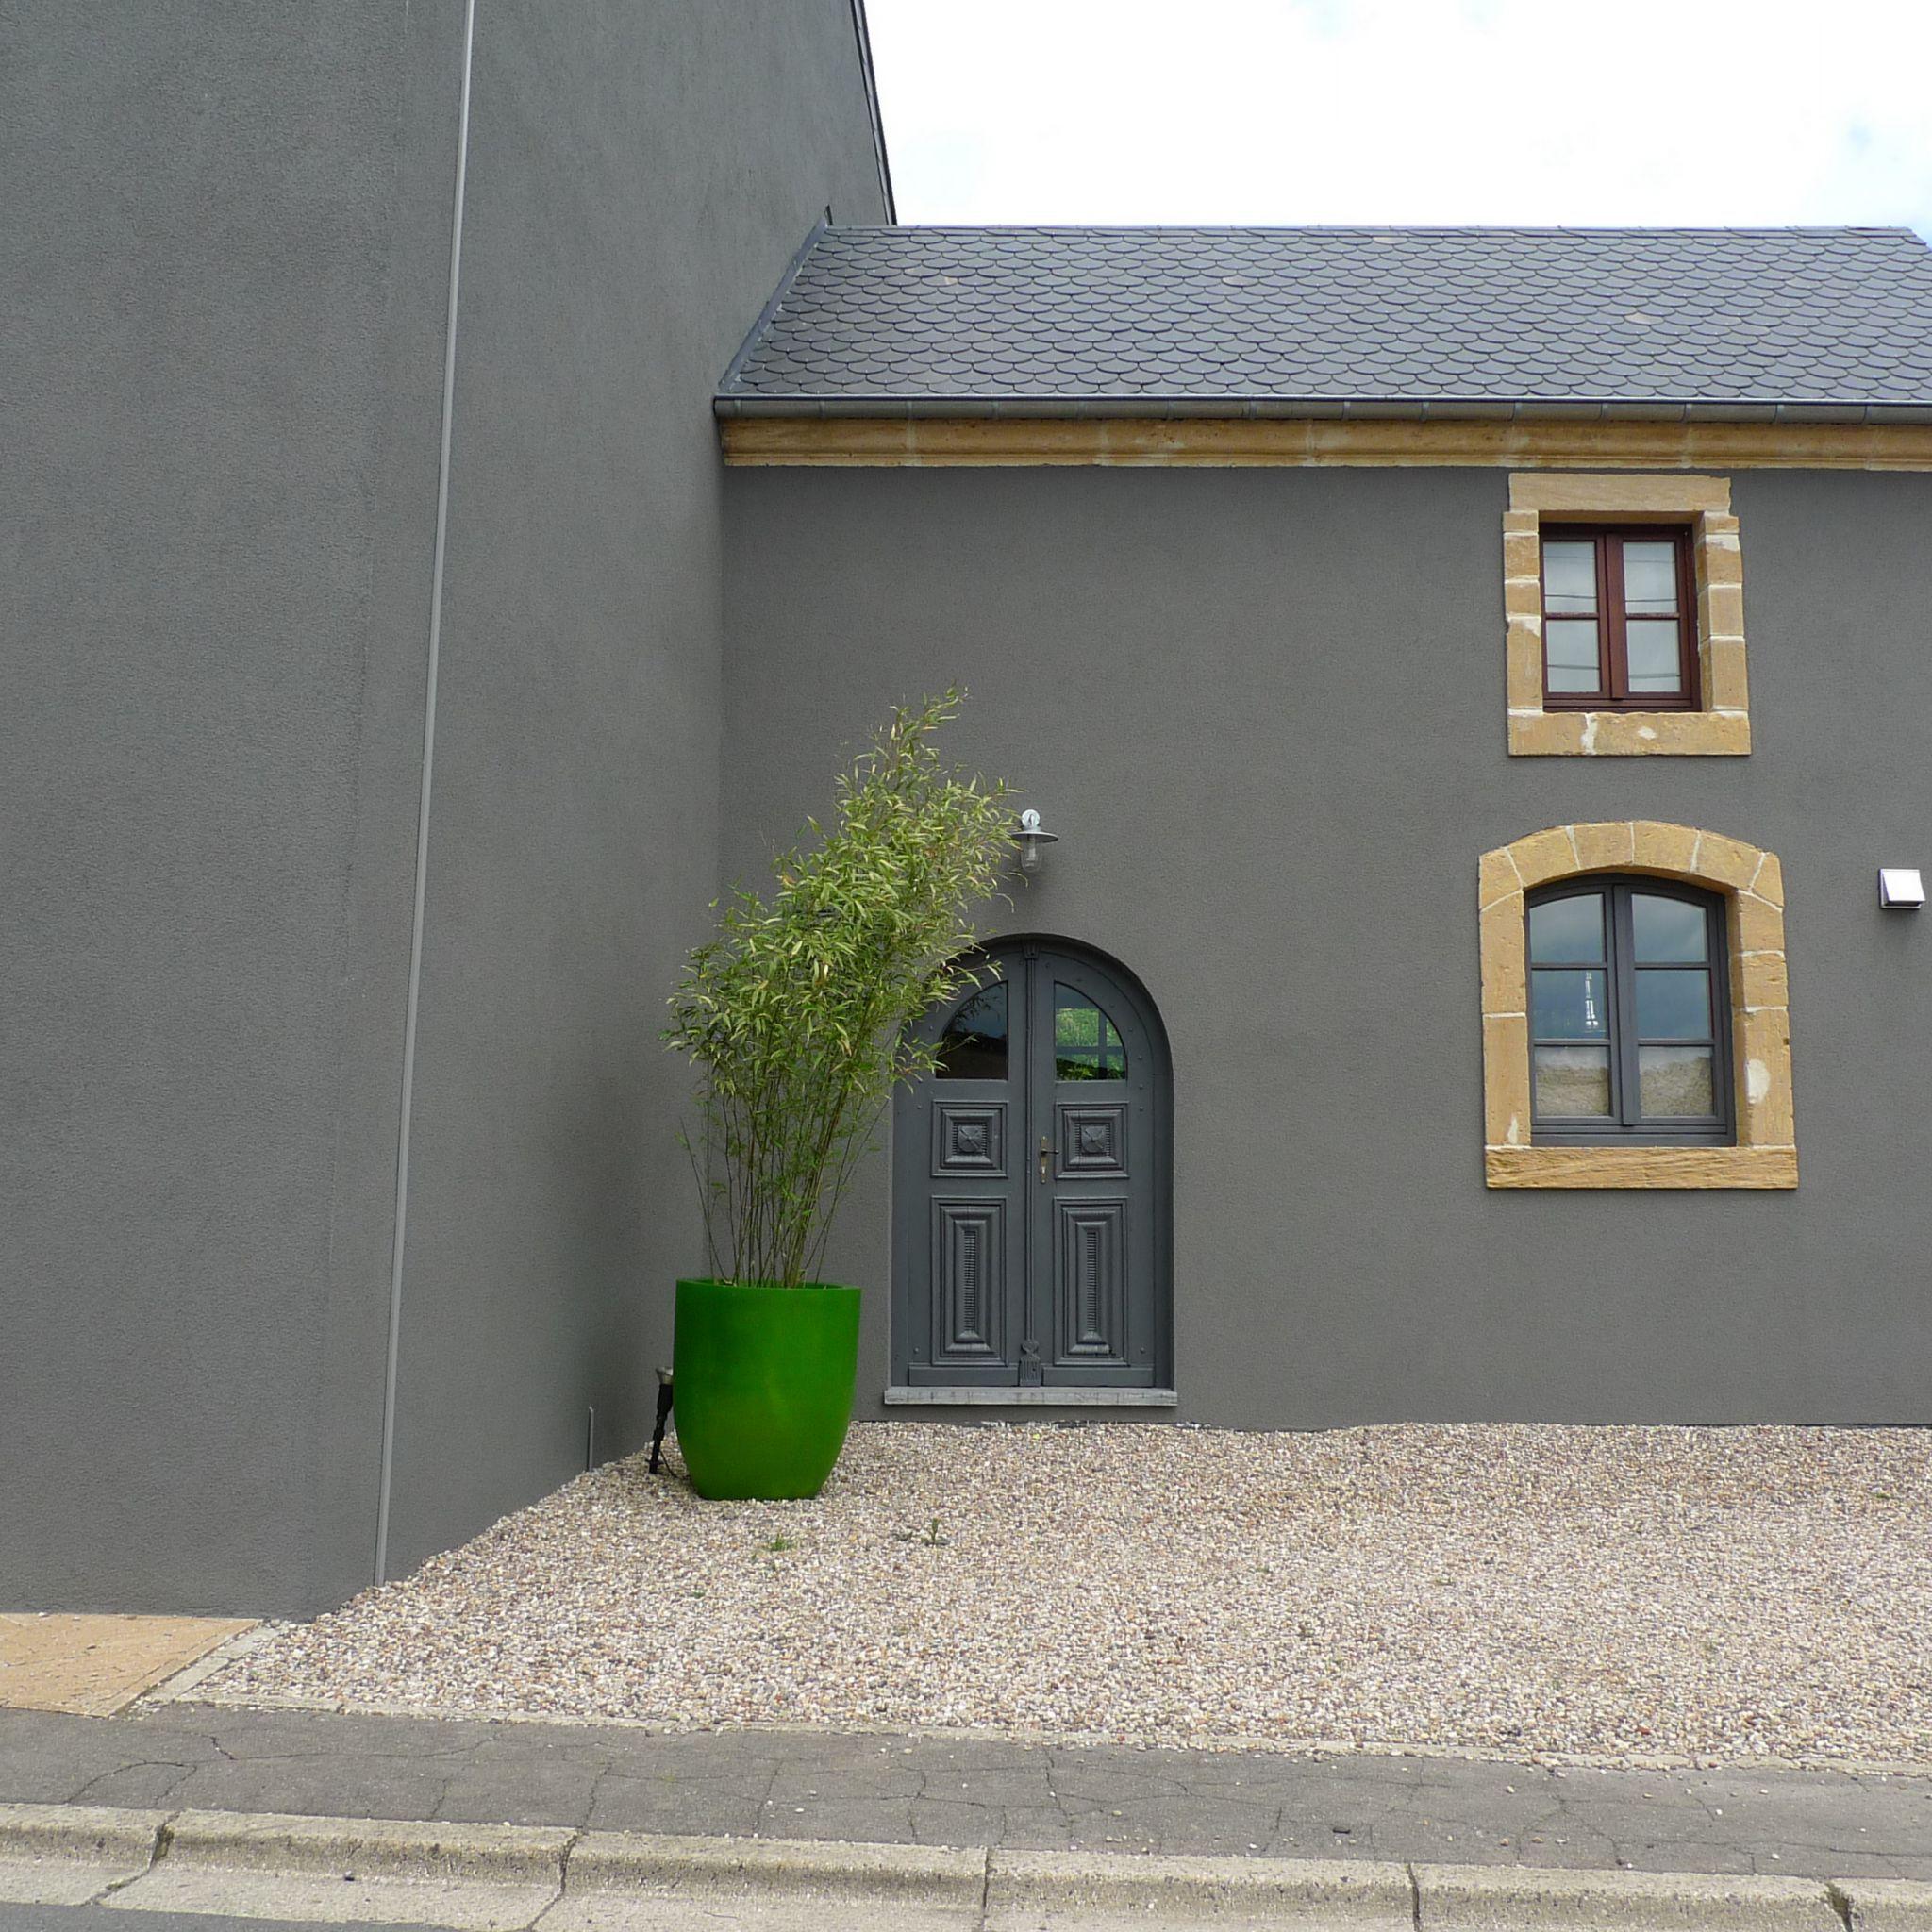 facade maison grise et blanche r sultat de recherche d images pour fa ade house couleurs facades gris maison - Recherche Google Façade Verte, Couleur Façade  Maison, Extérieur Gris